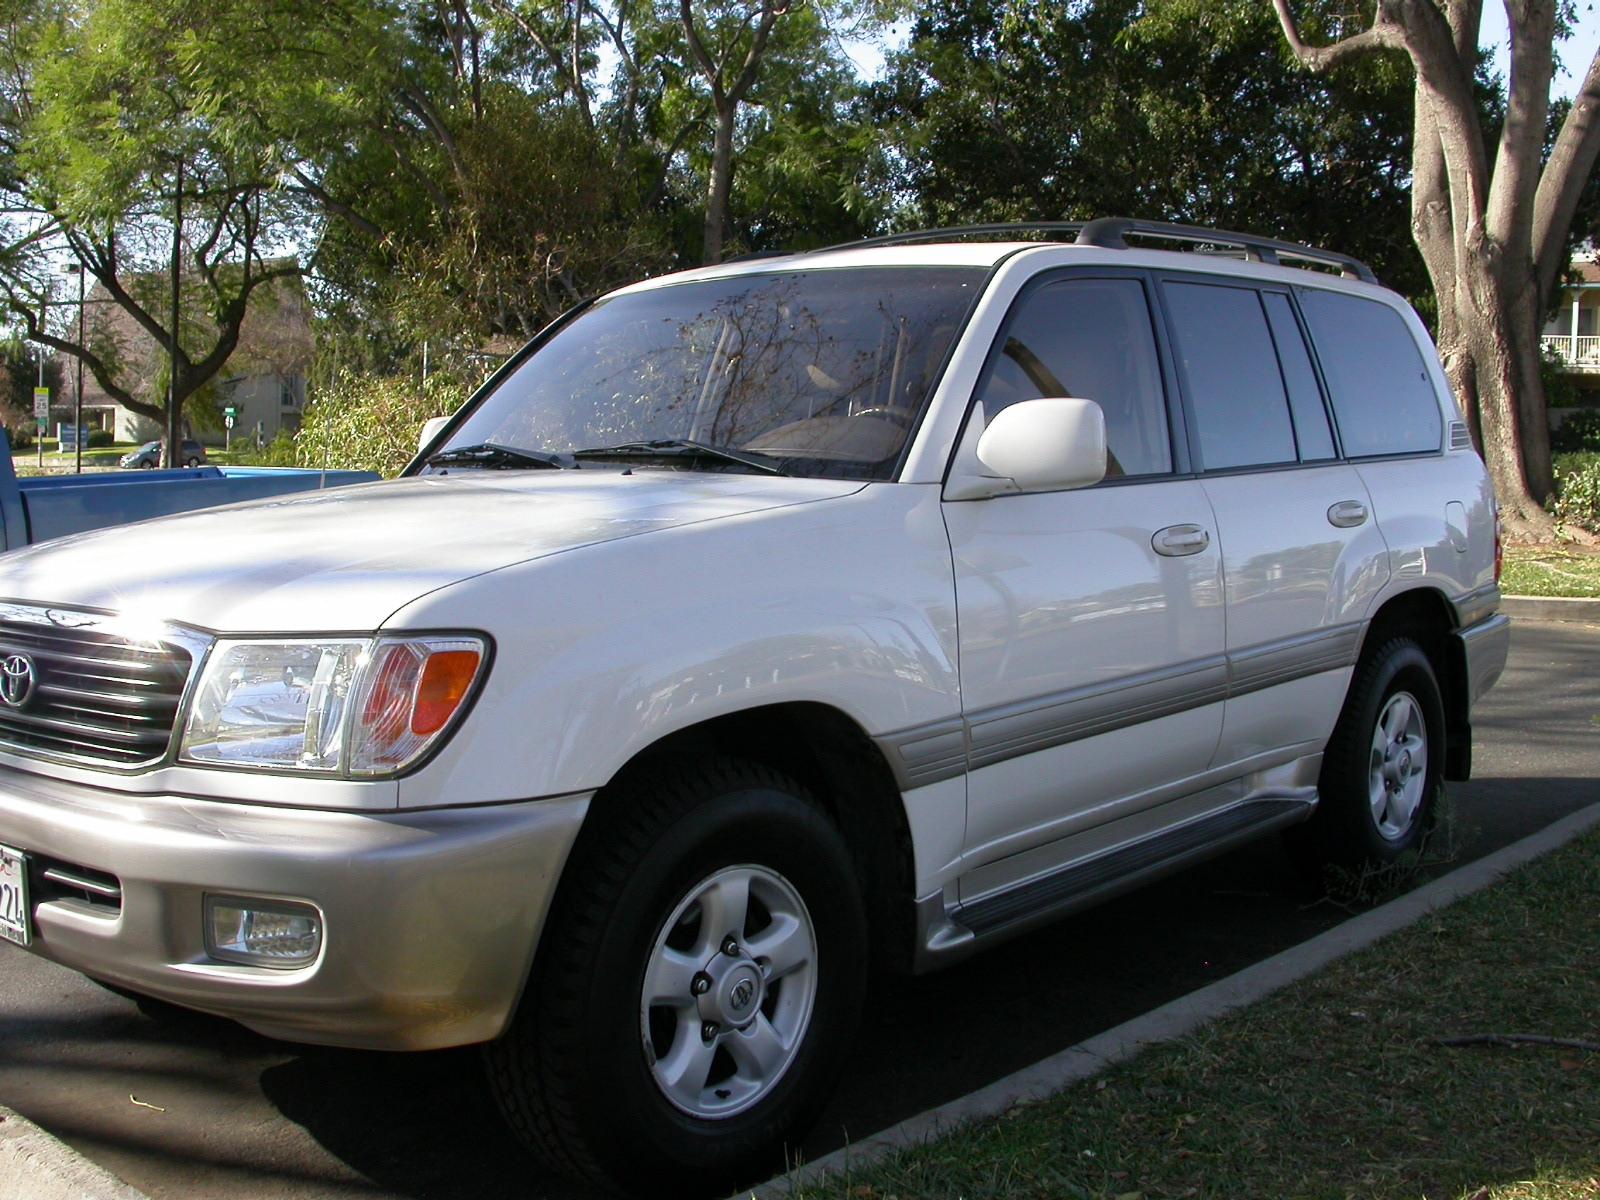 Toyota Land Cruiser 2000 Prado Review Wiring Diagram Download